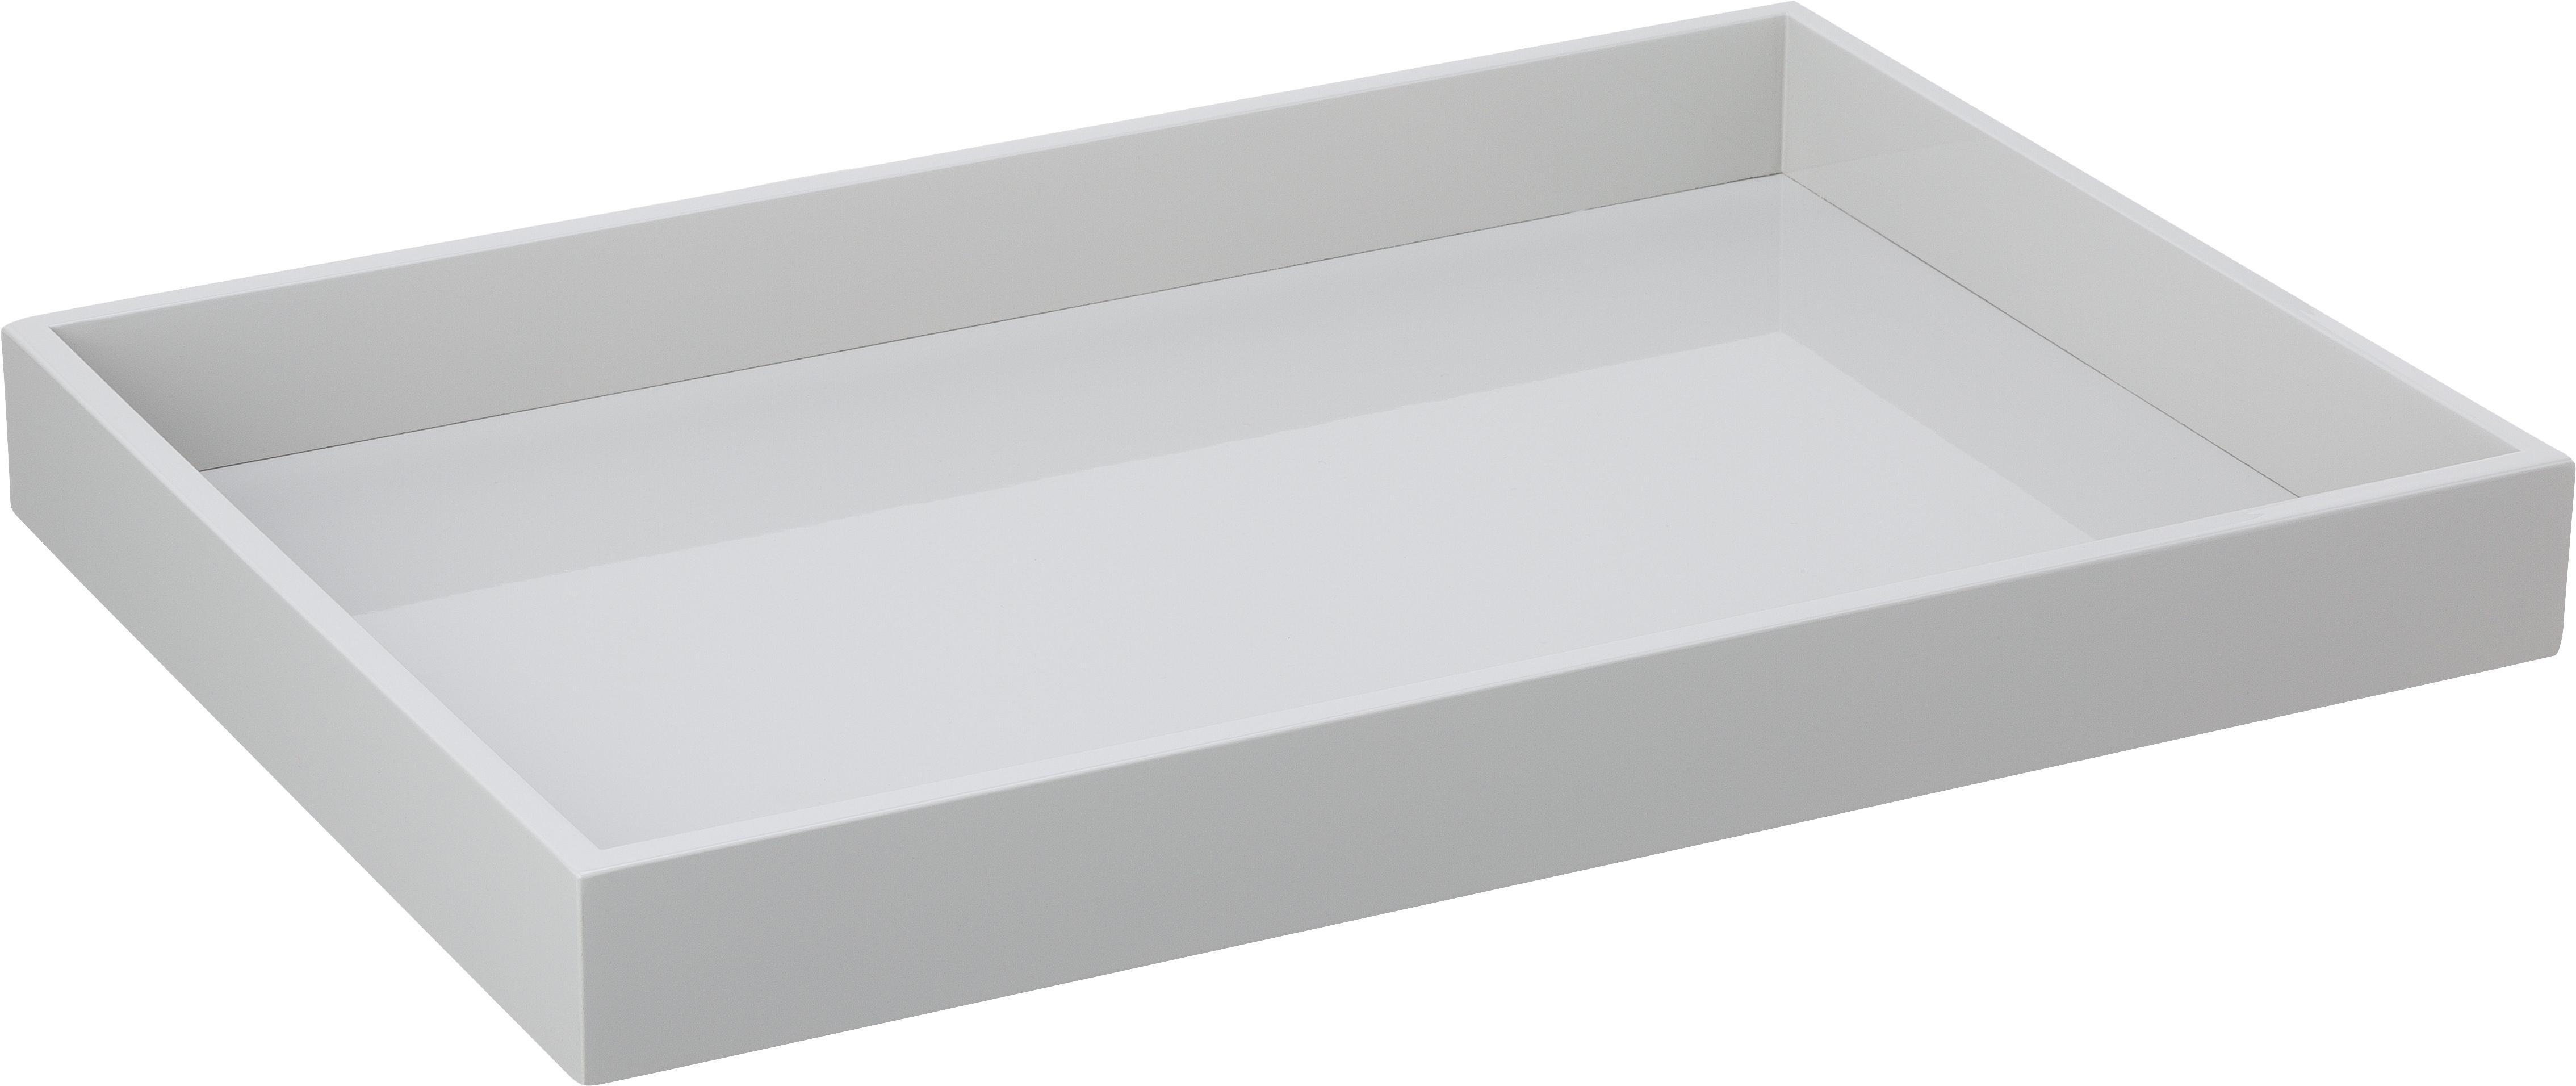 Dienblad Hayley, Dienblad: gelakt MDF, Onderzijde: fluweel, Lichtgrijs. Onderzijde: lichtgrijs, B 50 x D 35 cm